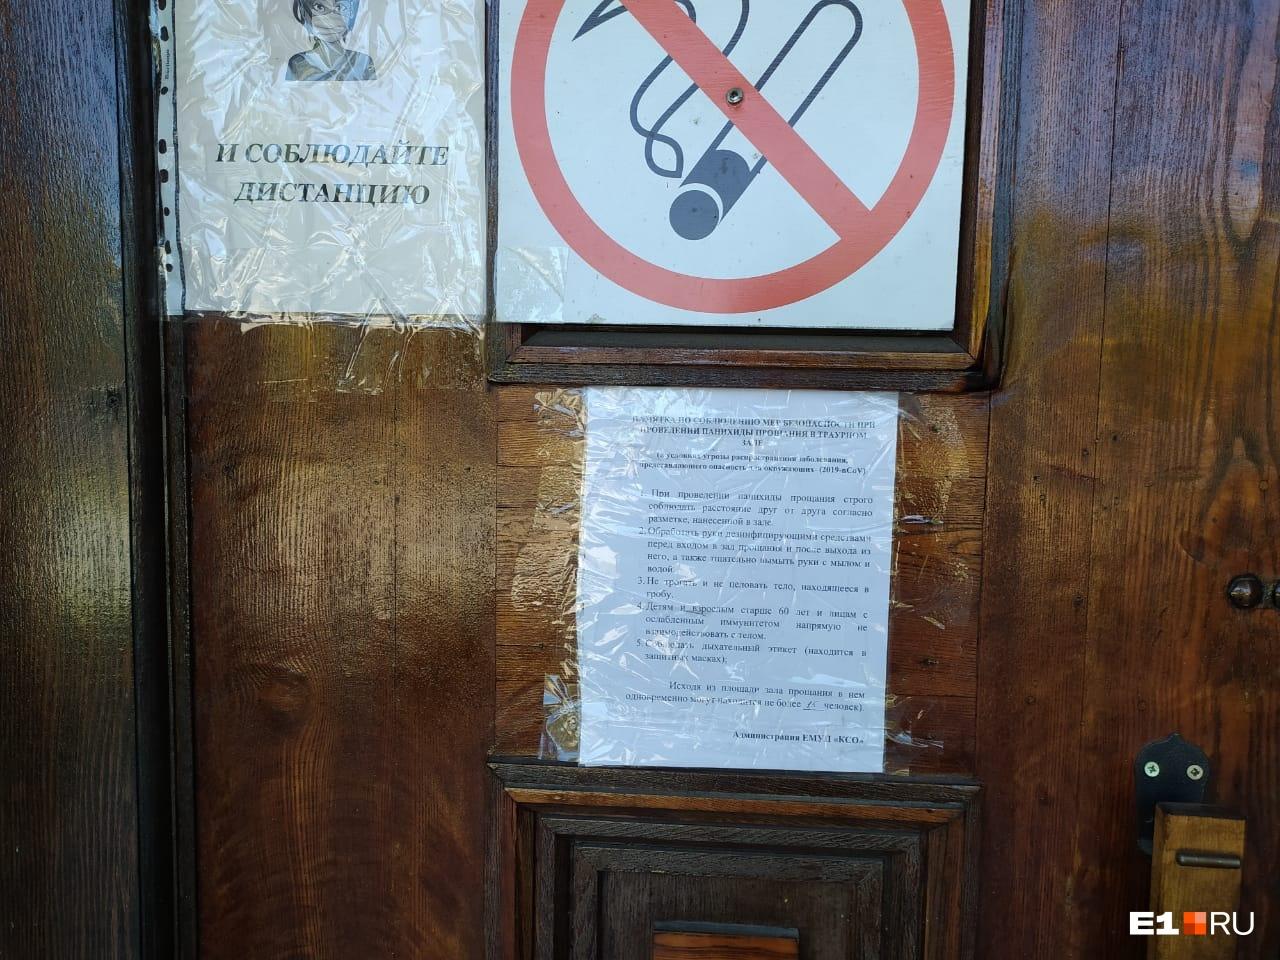 На дверях крематория памятка: во время панихиды нельзя стоять близко друг к другу, детям и пожилым людям запрещено напрямую взаимодействовать с телом